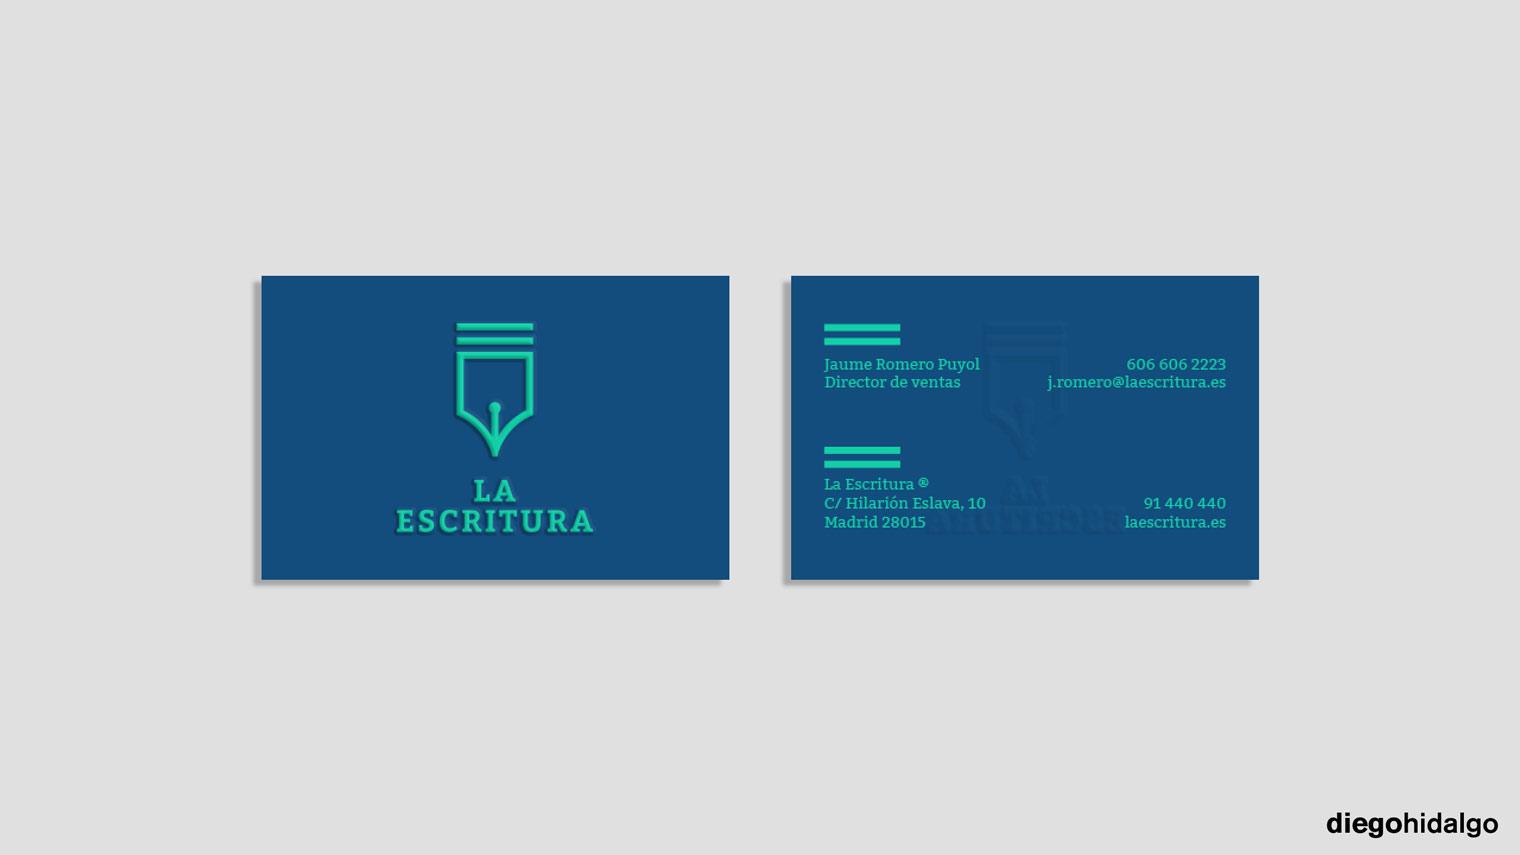 diseño acabado del curso de diseño gráfico y web con salidas profesionales en elche